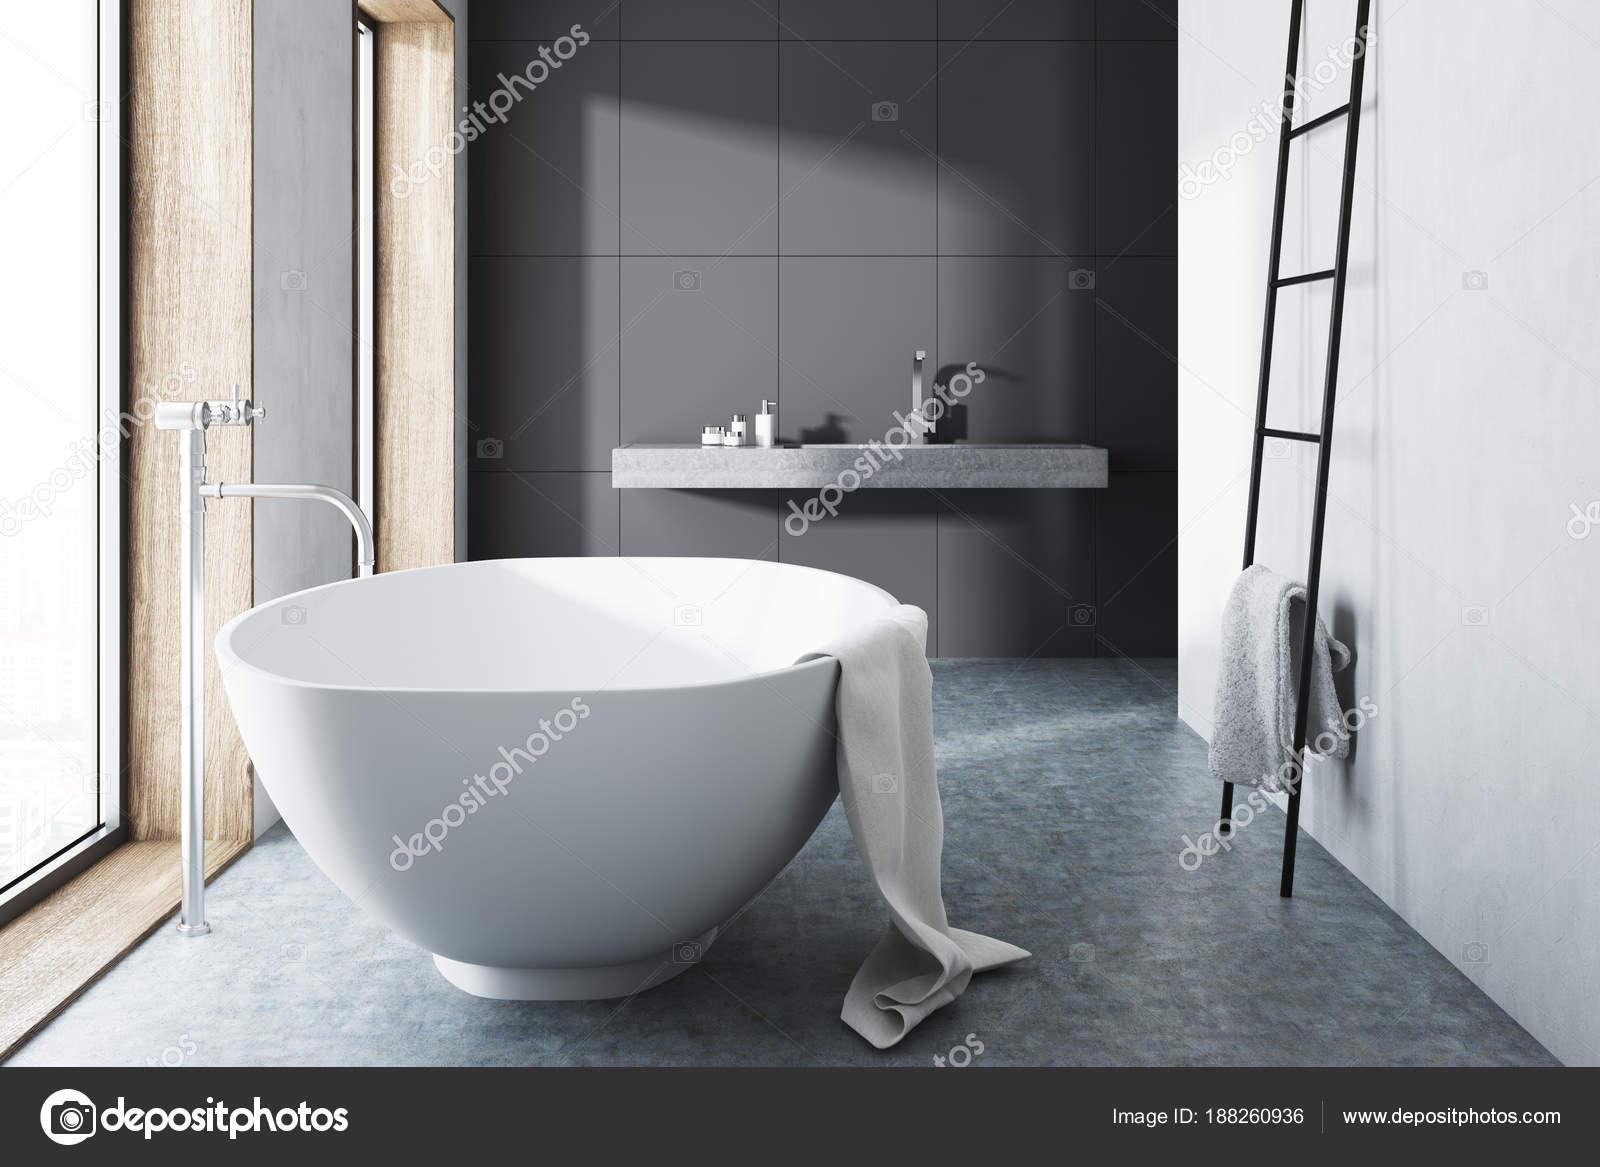 Vasca Da Bagno In Cemento : Bagno grigio vasca bianca scaletta pavimento in cemento u2014 foto